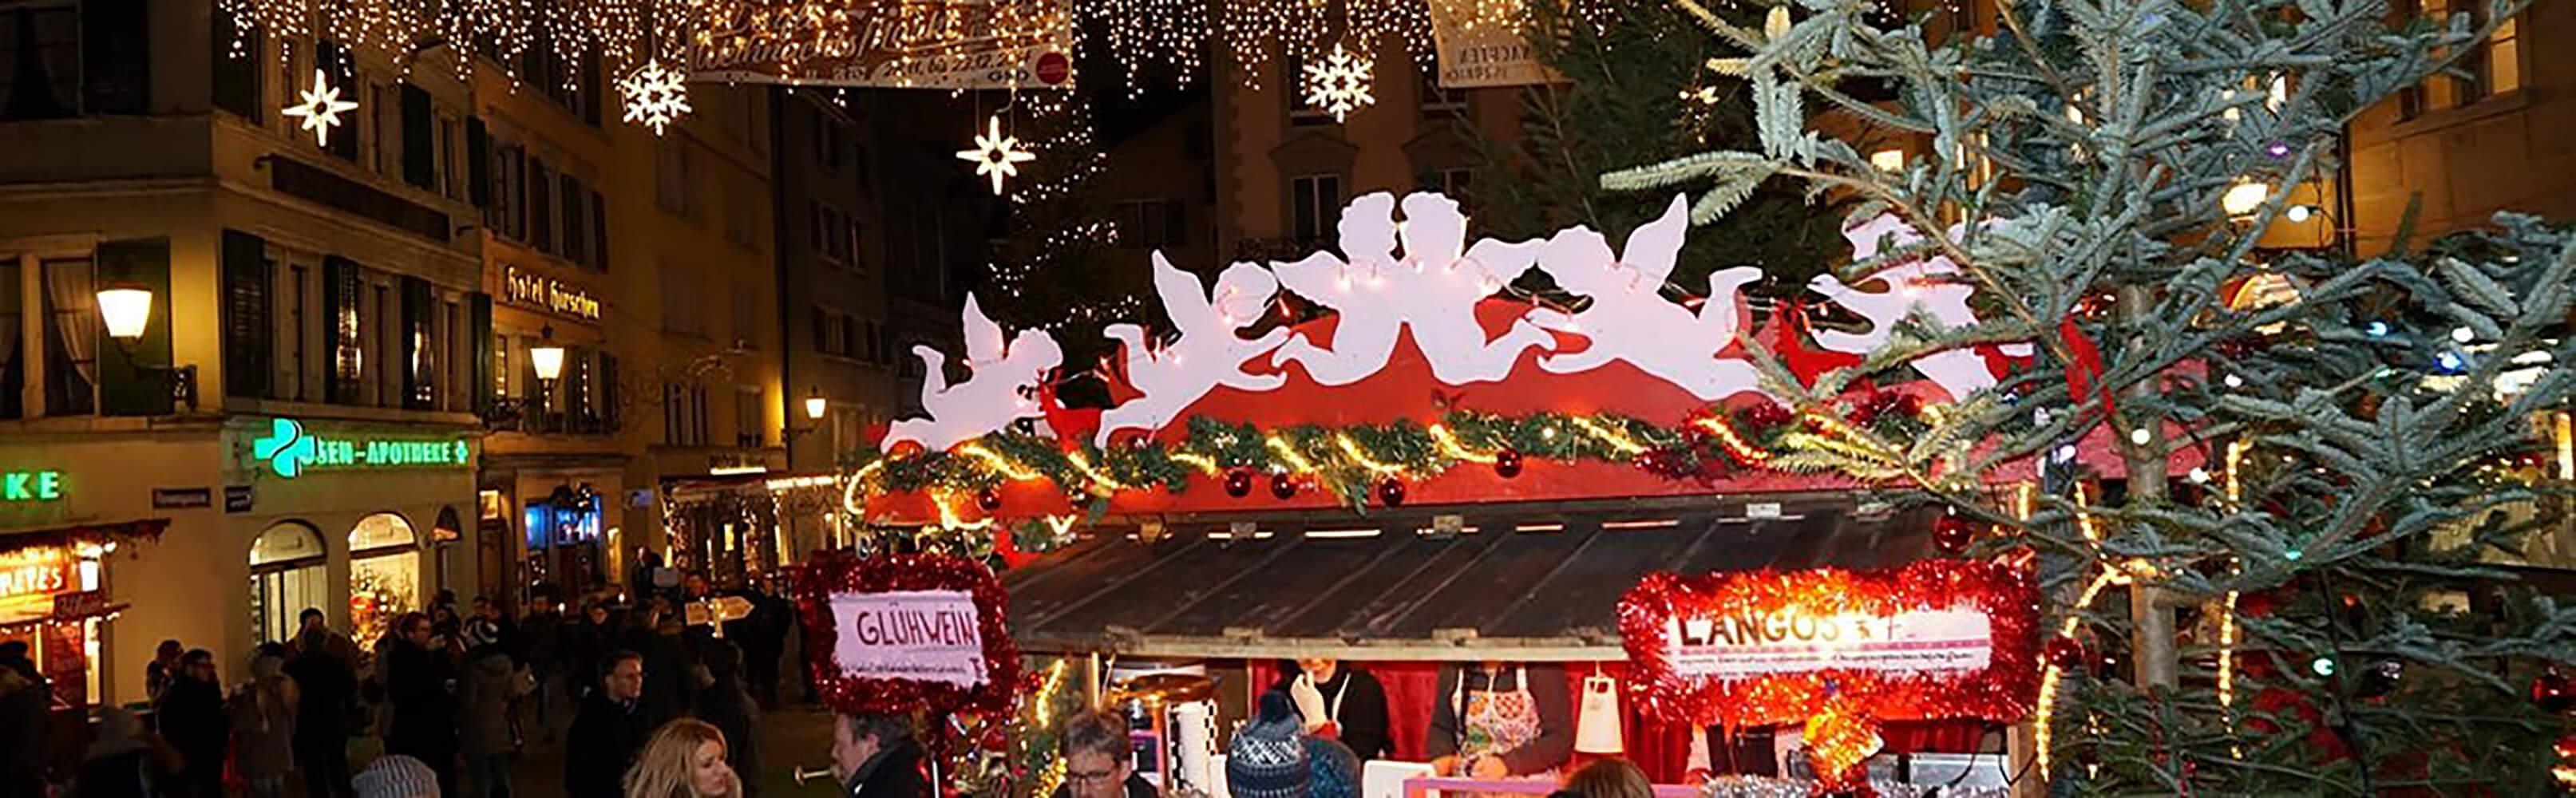 Dörfli-Weihnachtsmarkt Zürcher Niederdorf 1